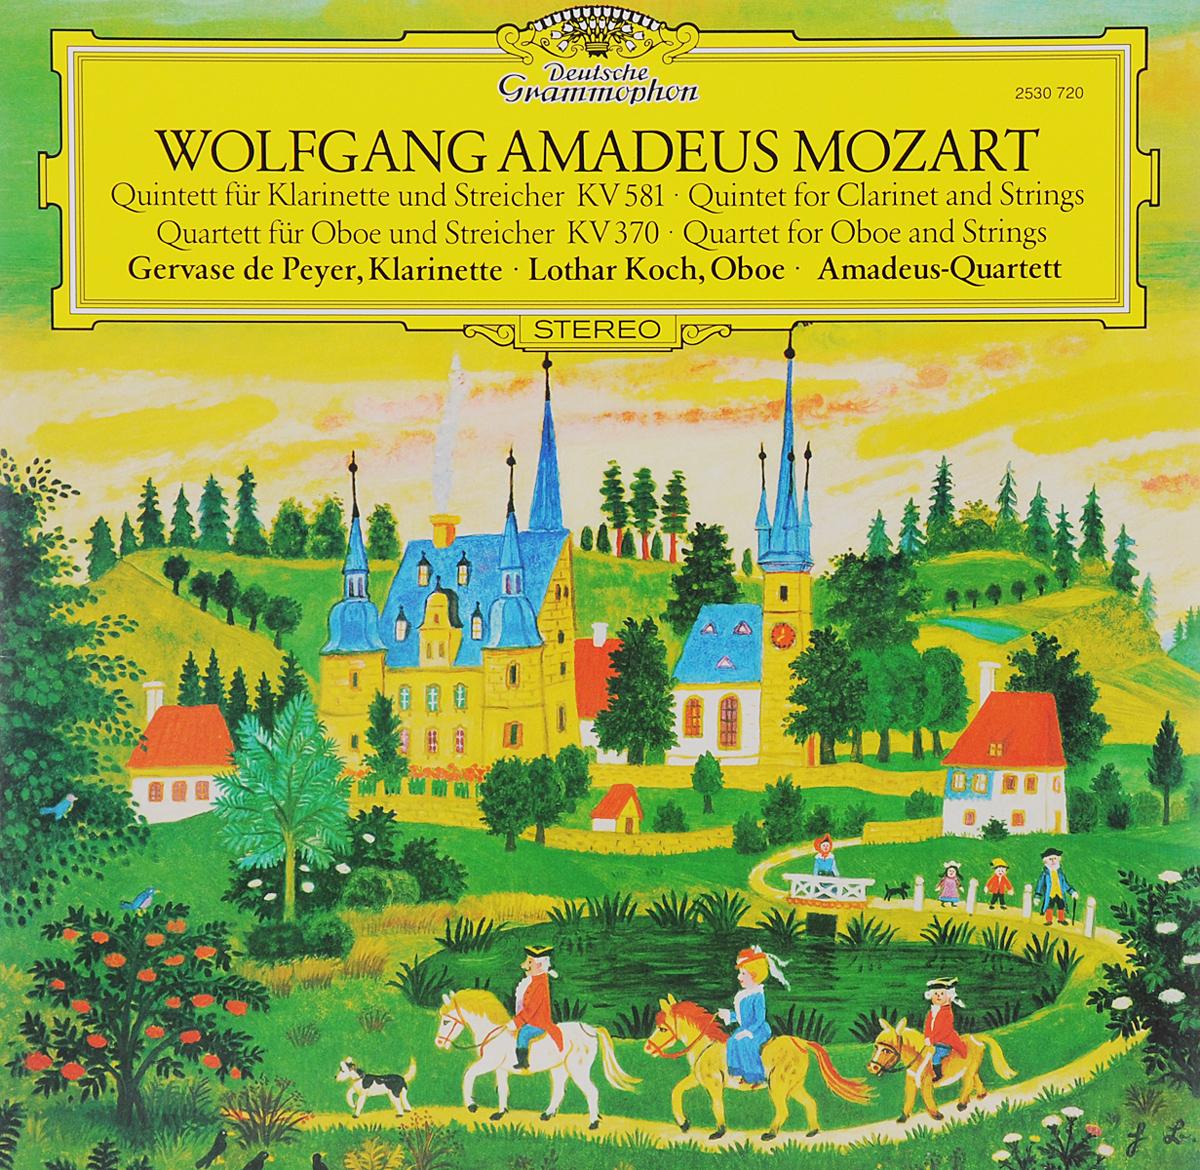 Amadeus-Quartet. Wolfgang Amadeus Mozart. Quintett Fur Klarinette Und Streicher KV 581 / Quintett Fur Klarinette Und Streicher KV 370 (LP)